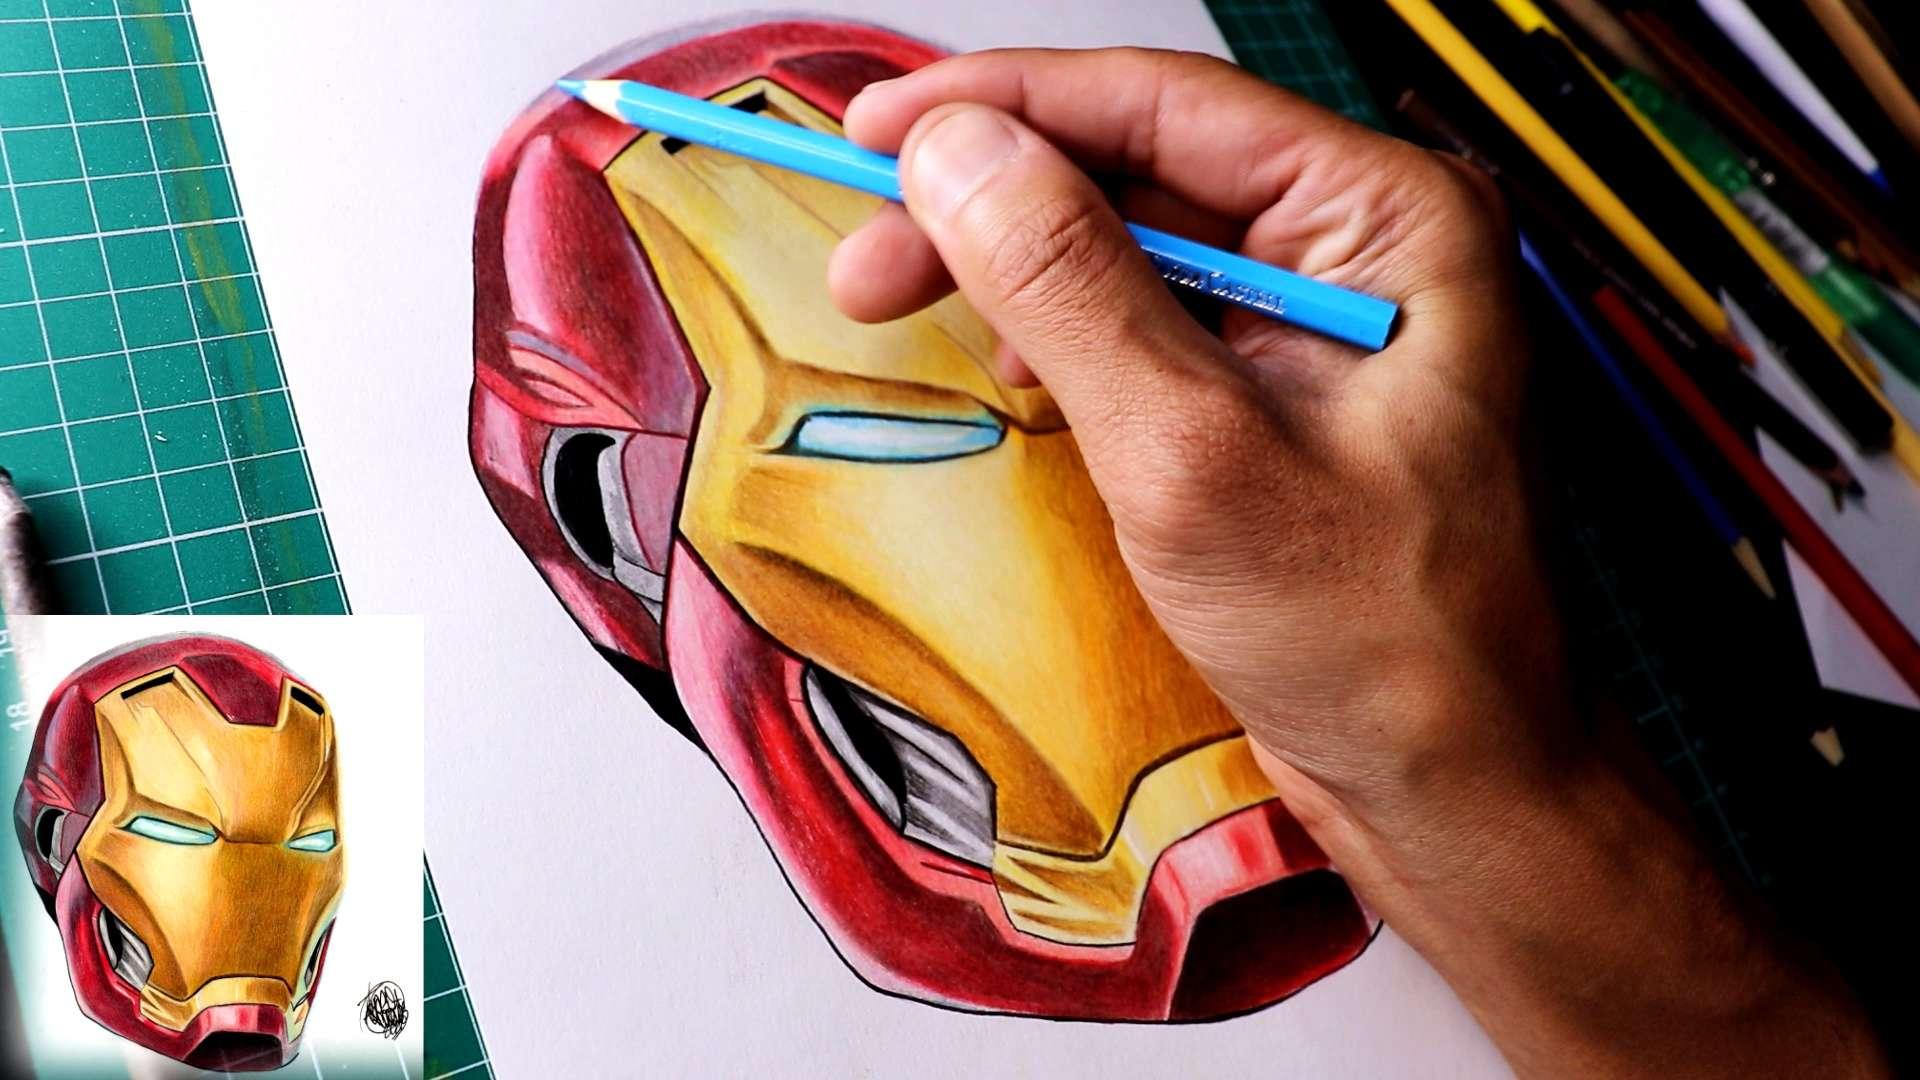 Curso Desenhando sem Dom Art Rodrigues é bom, funciona? Confira a nota de avaliação.